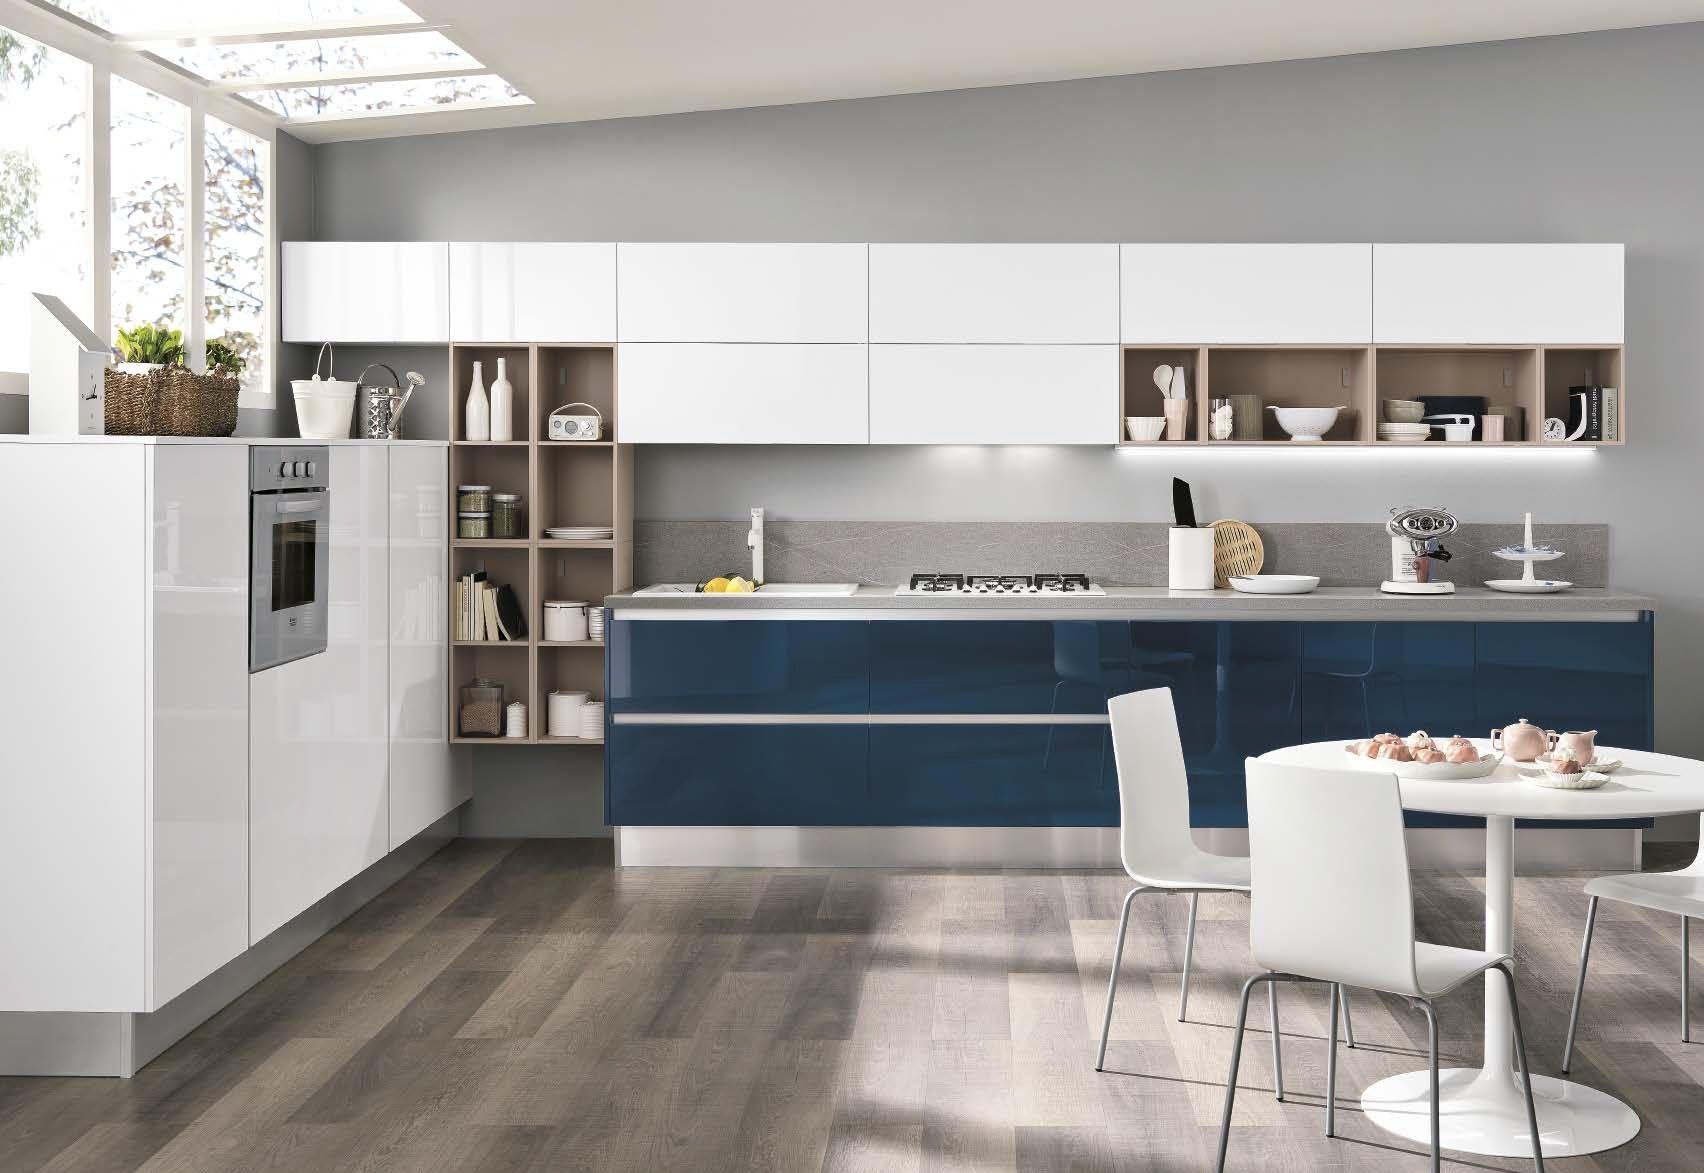 Cucina-ad-angolo-con-forno-alto.jpg (1704×1173) | cucina | Pinterest